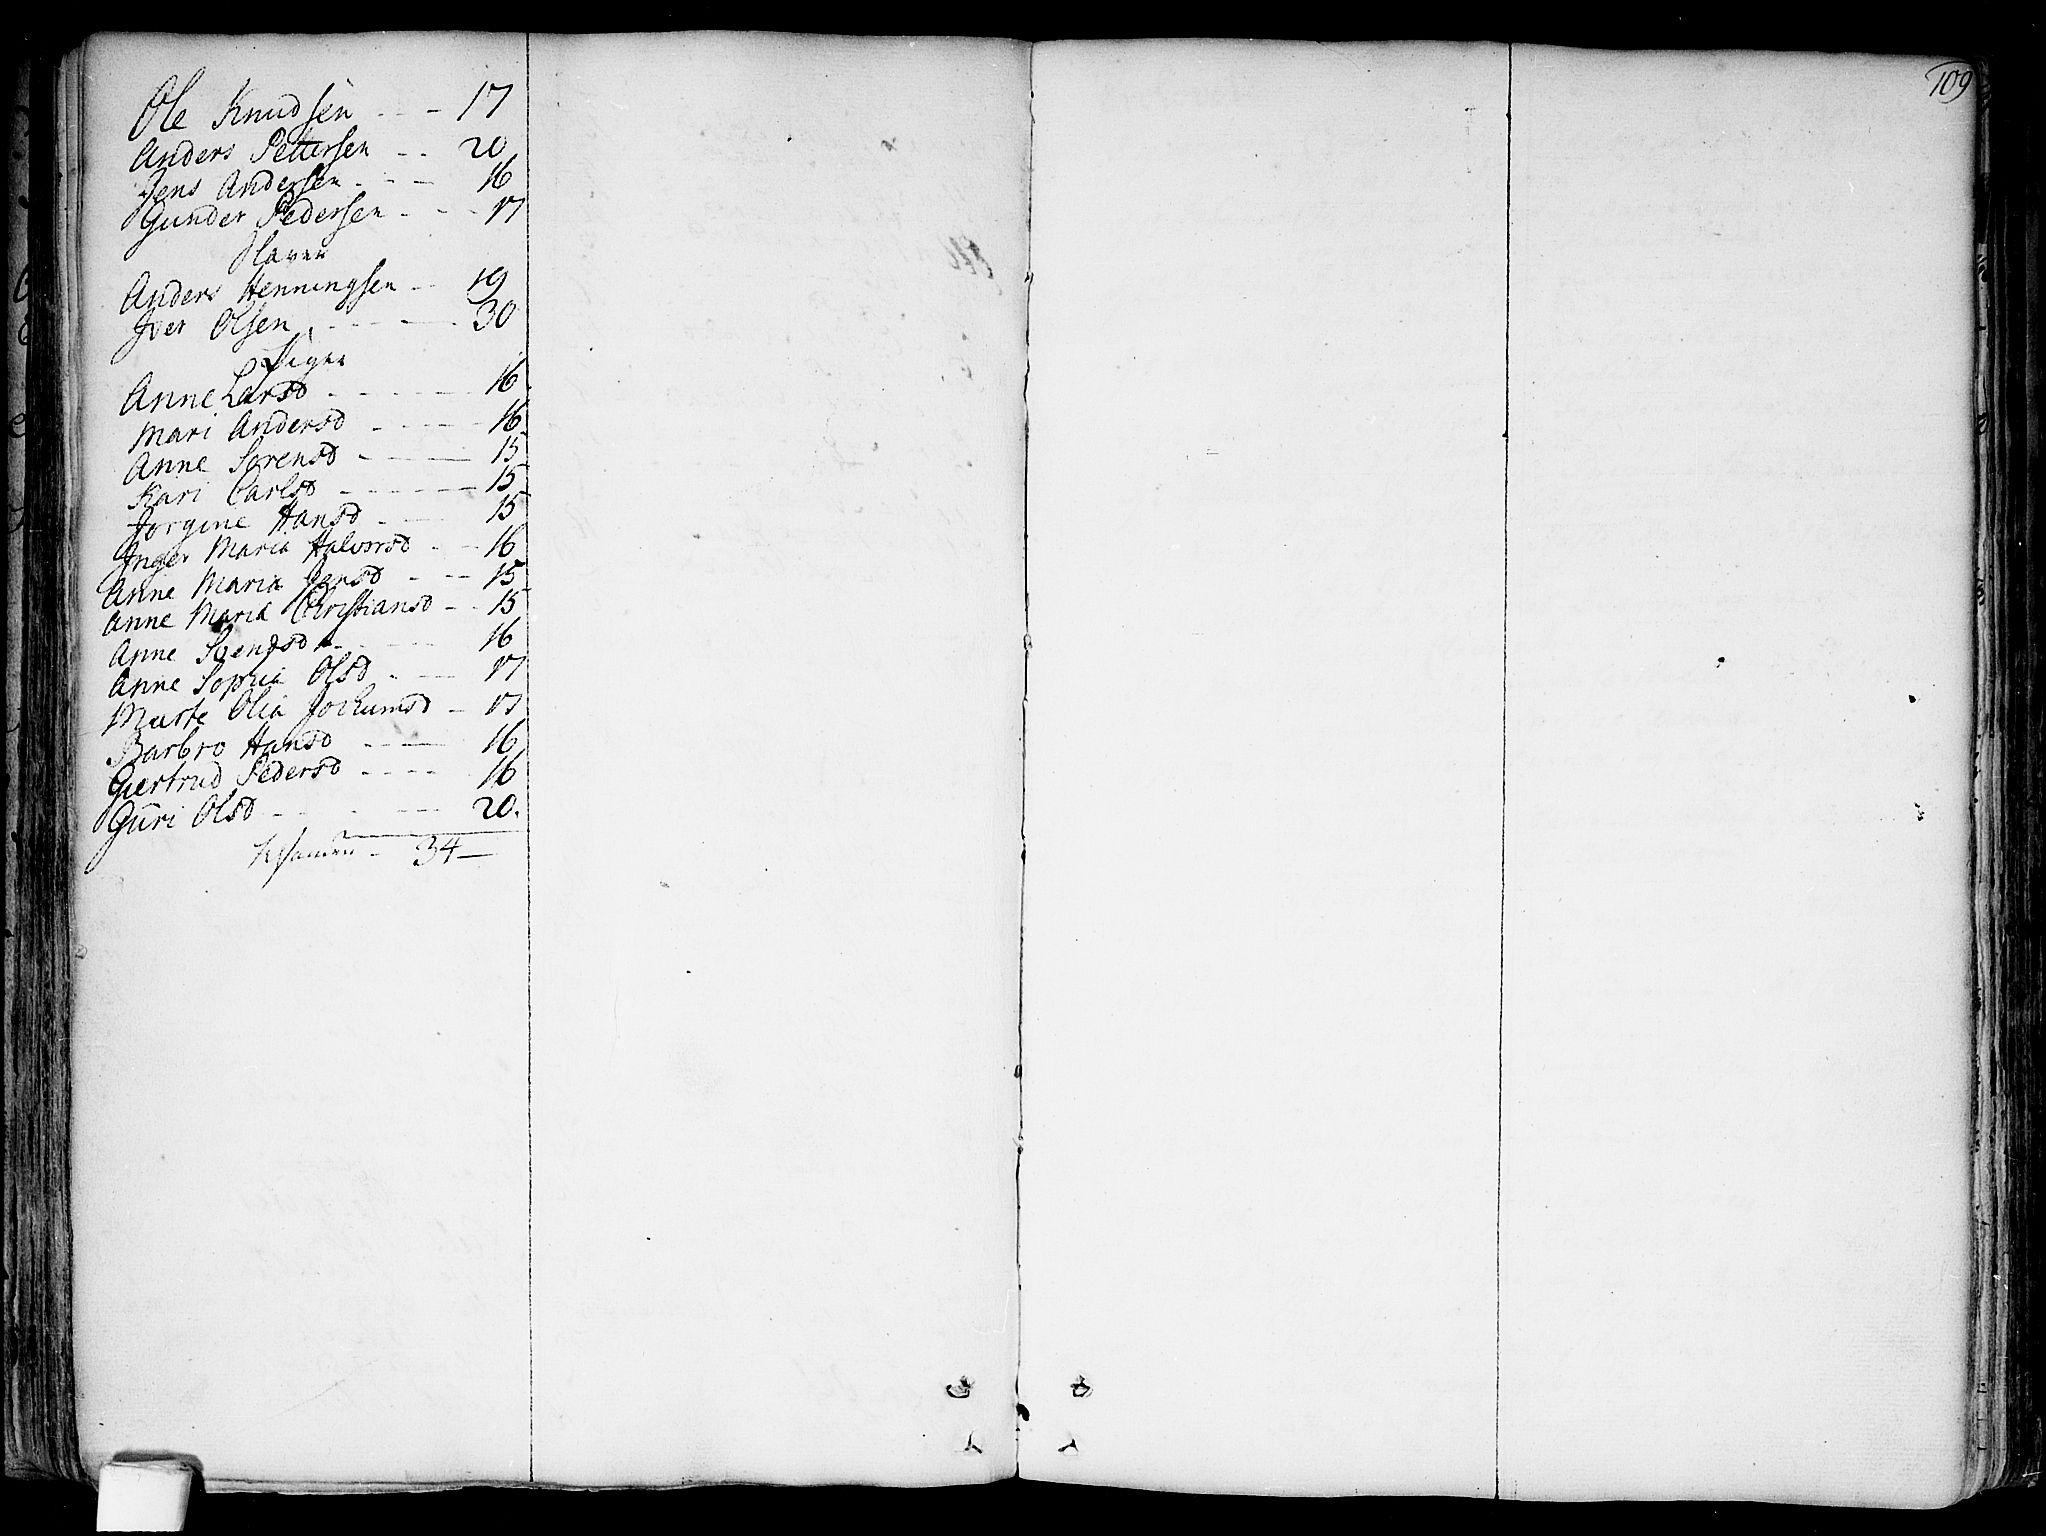 SAO, Garnisonsmenigheten Kirkebøker, F/Fa/L0002: Ministerialbok nr. 2, 1757-1776, s. 109